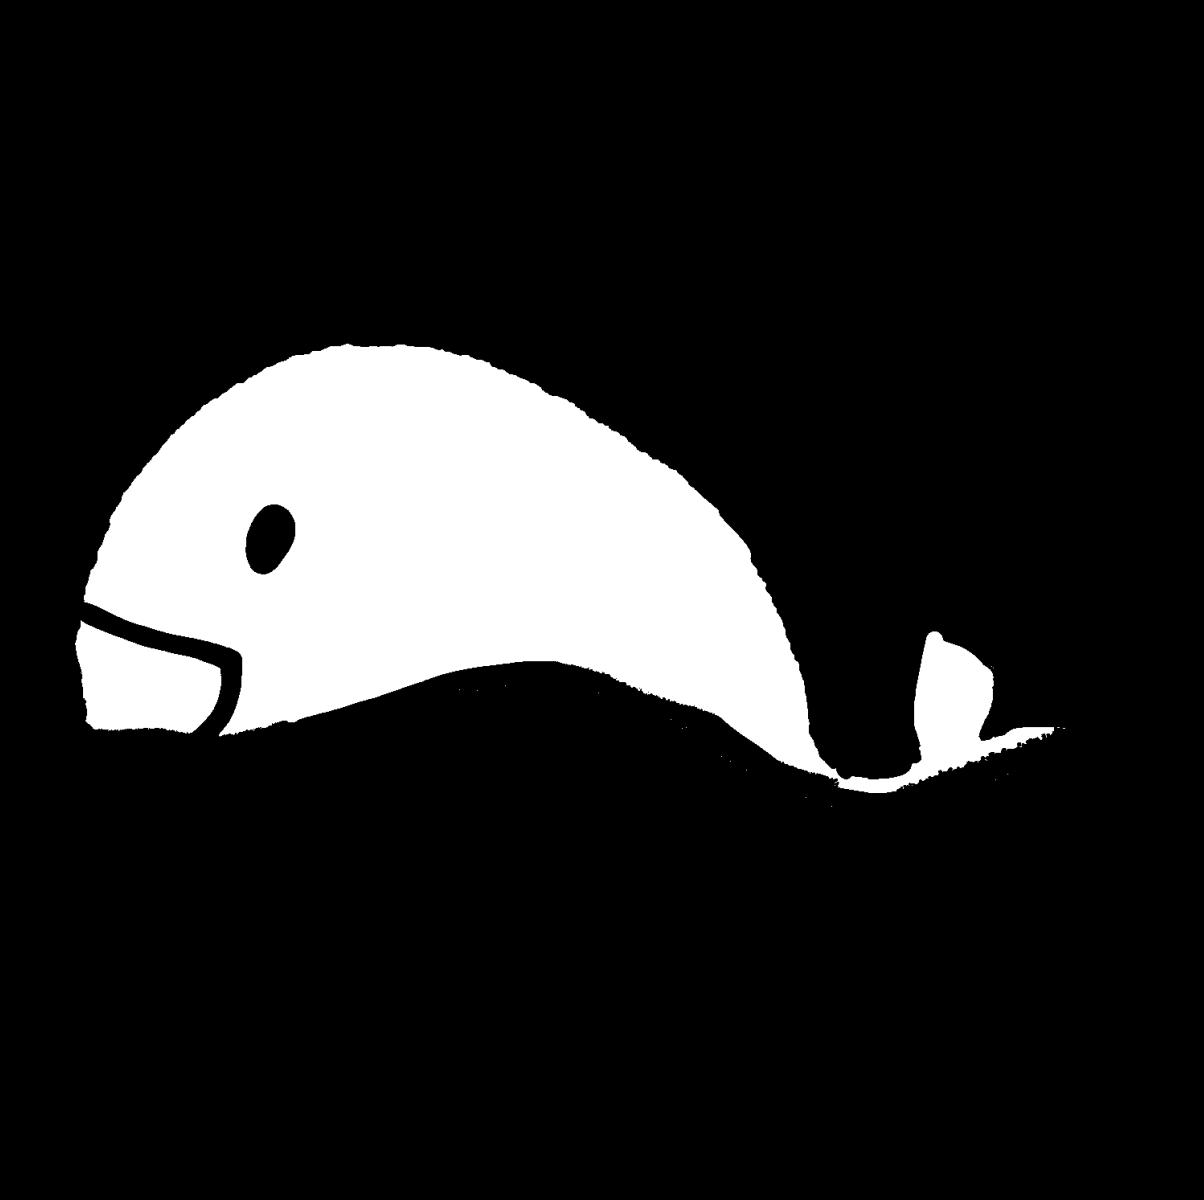 海にうかぶクジラのイラスト / Whales in the sea Illustration